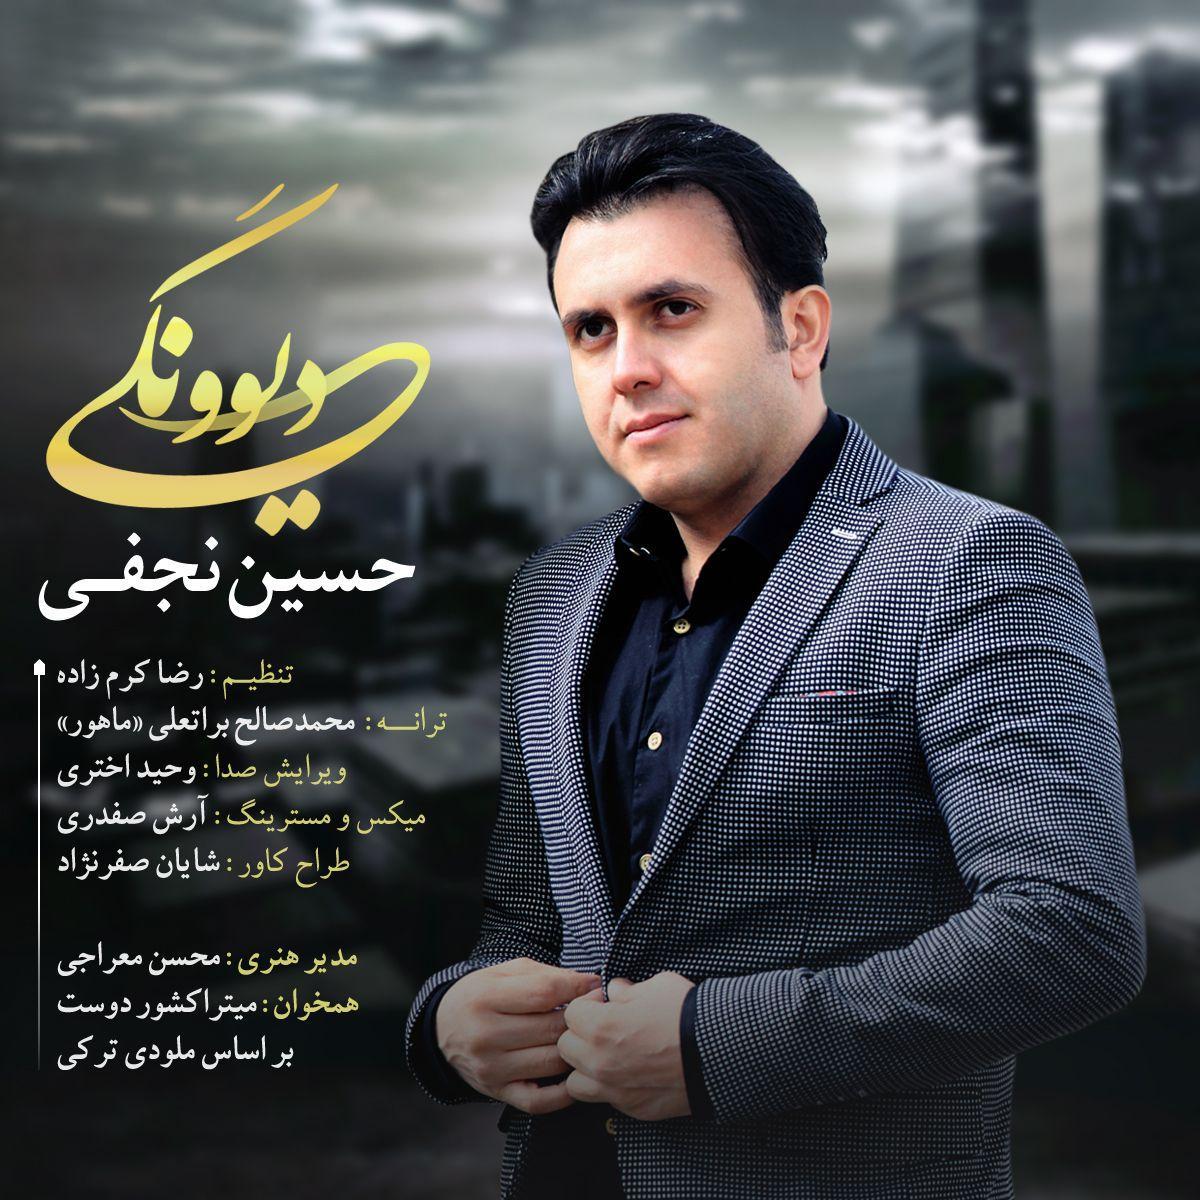 حسین نجفی دیوونگی